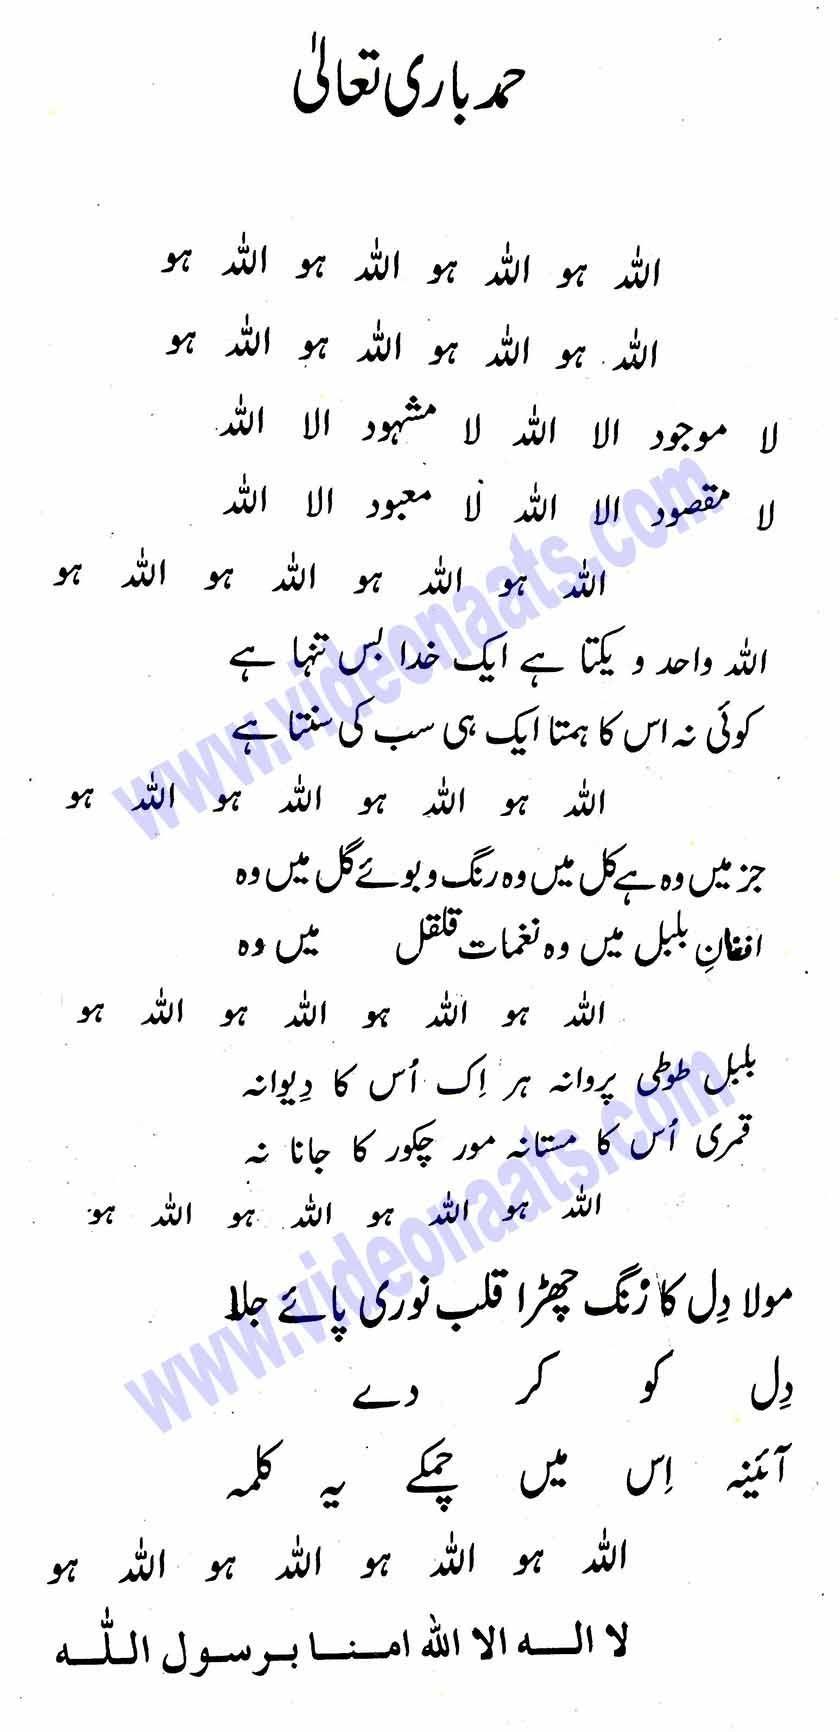 Image result for hamd lyrics in urdu   Urdu, Quran urdu ...